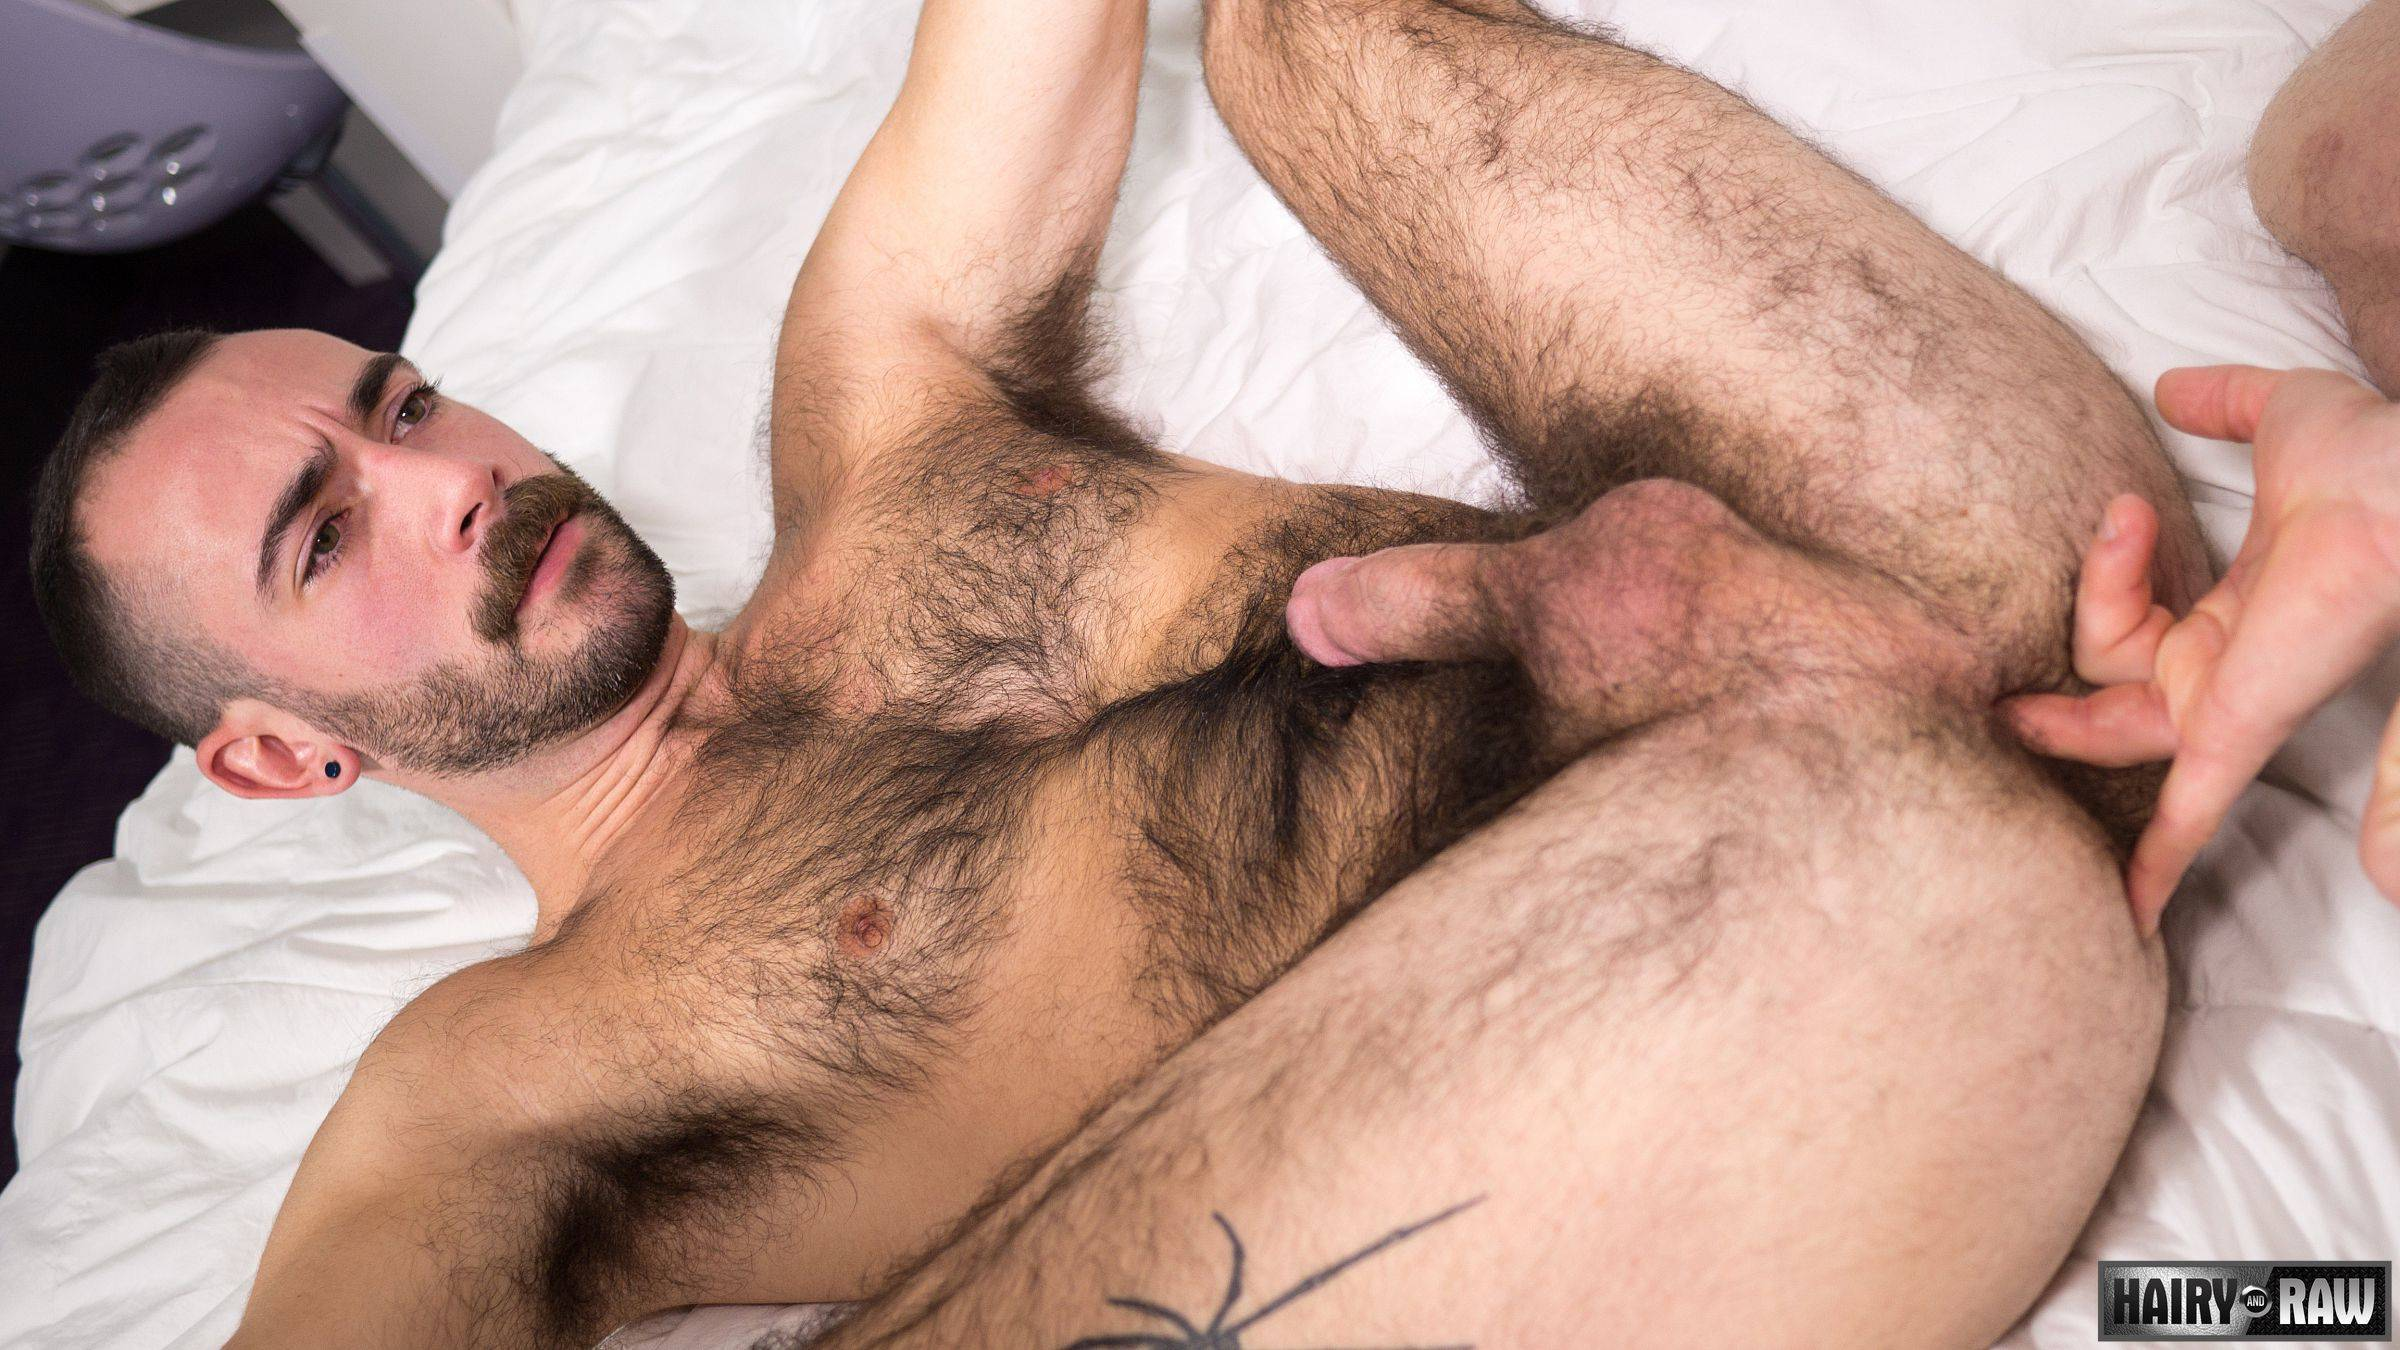 amateur gay cowboy muscle porn